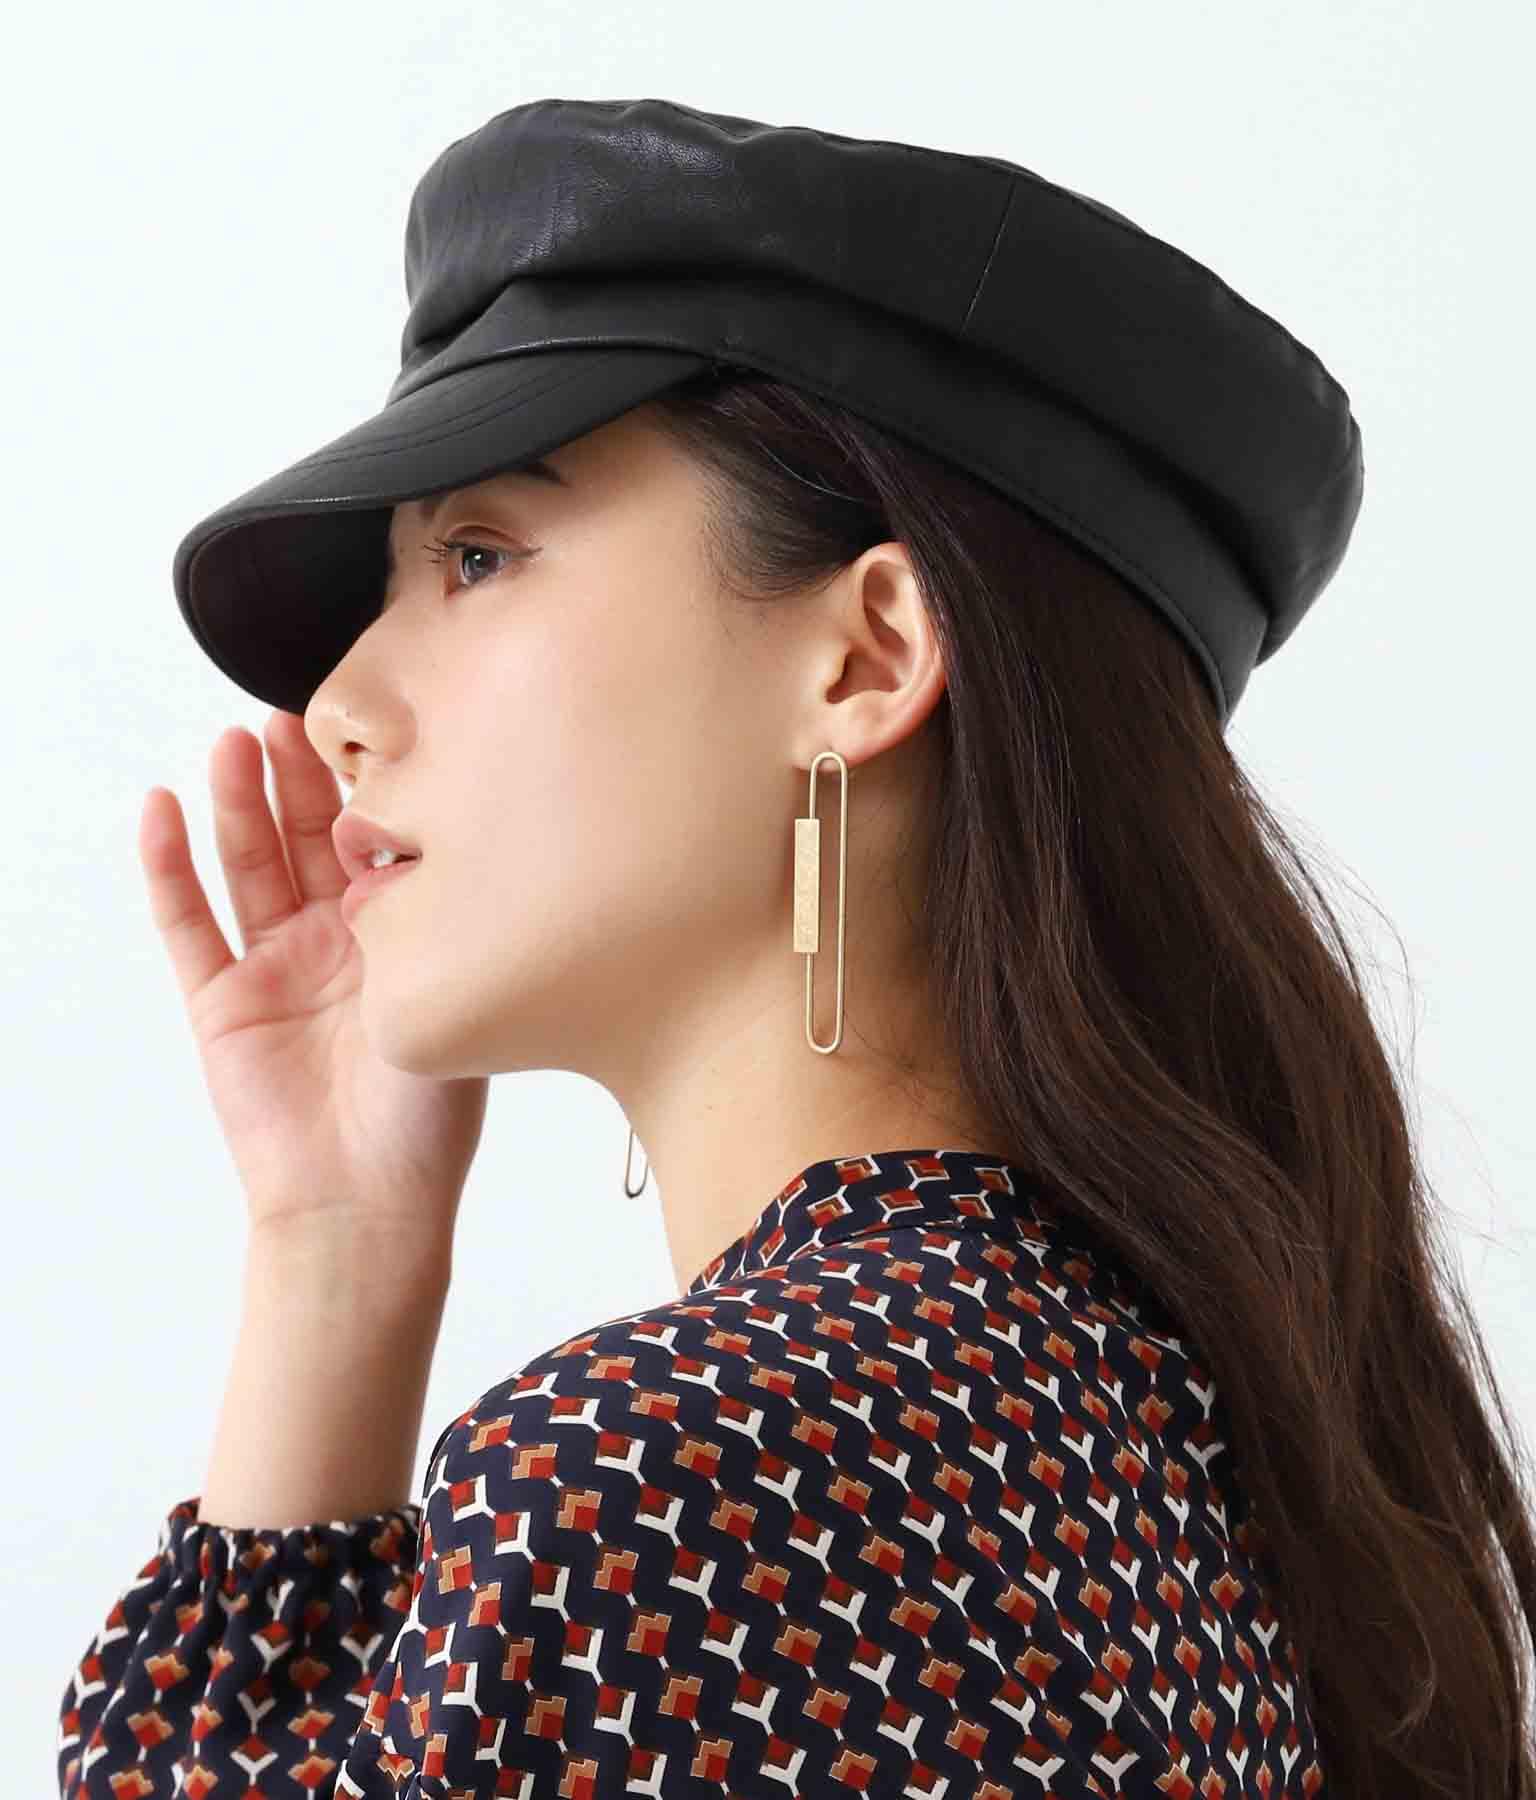 エコレザーマリンキャスケット(ファッション雑貨/ハット・キャップ・ニット帽 ・キャスケット・ベレー帽) | Alluge